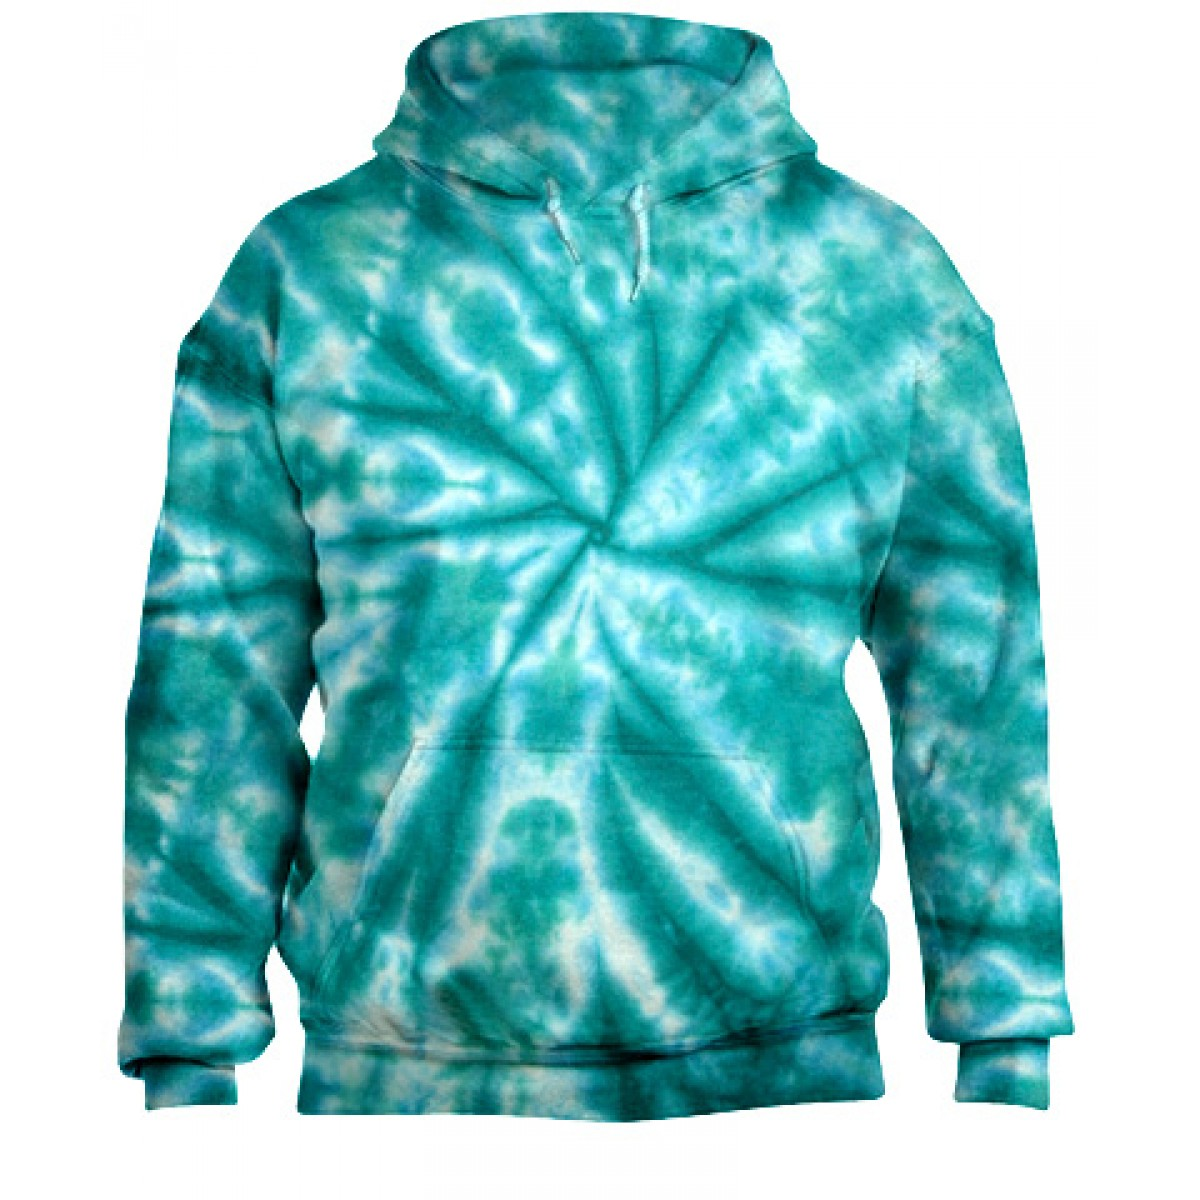 Tie-Dye Pullover Hooded Sweatshirt-Jade-L